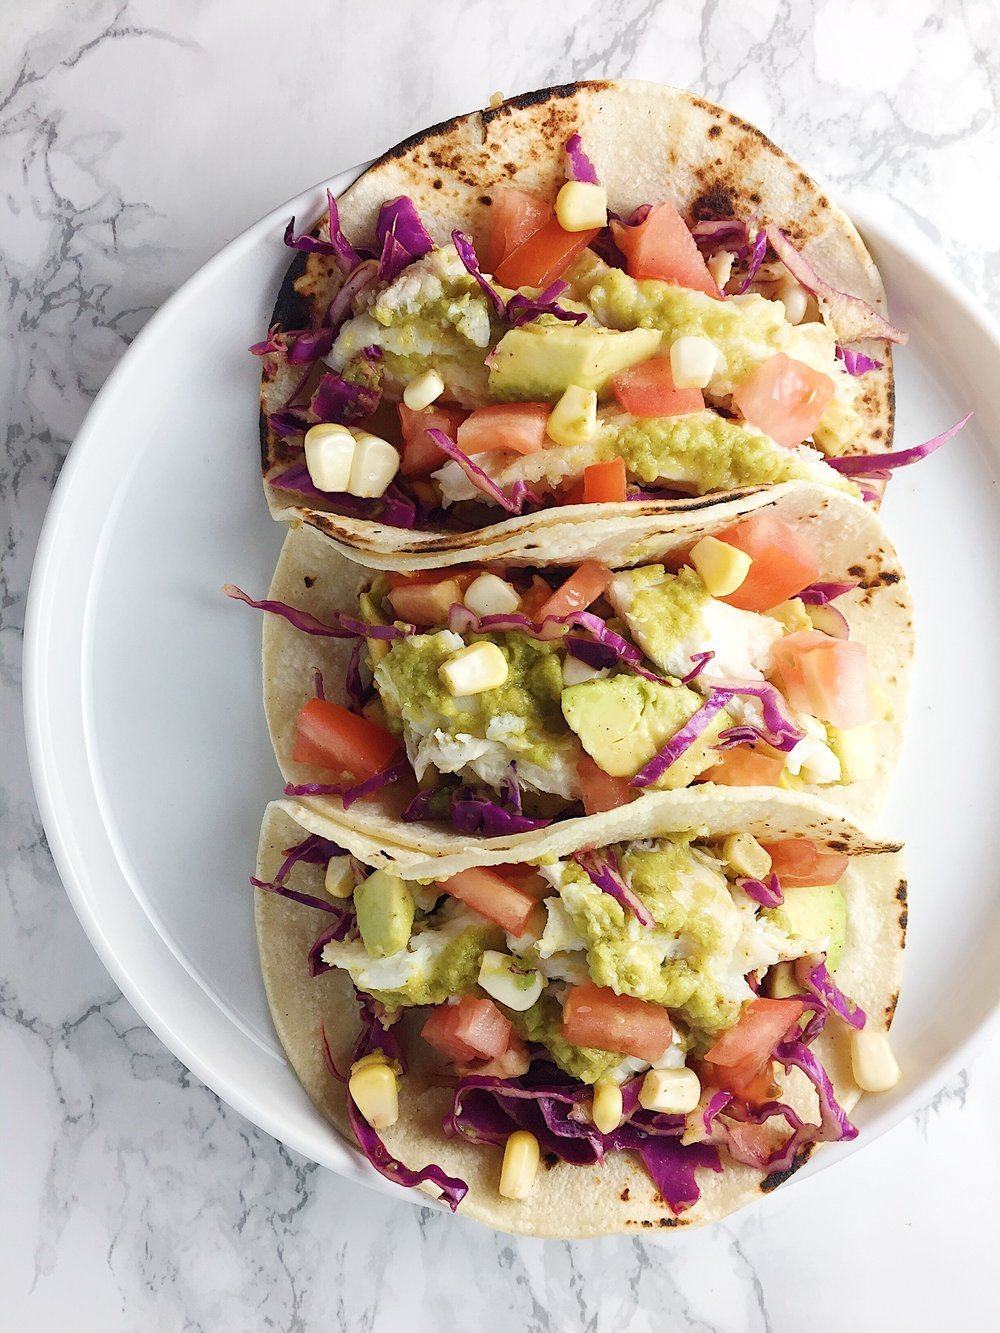 Danny's fish tacos